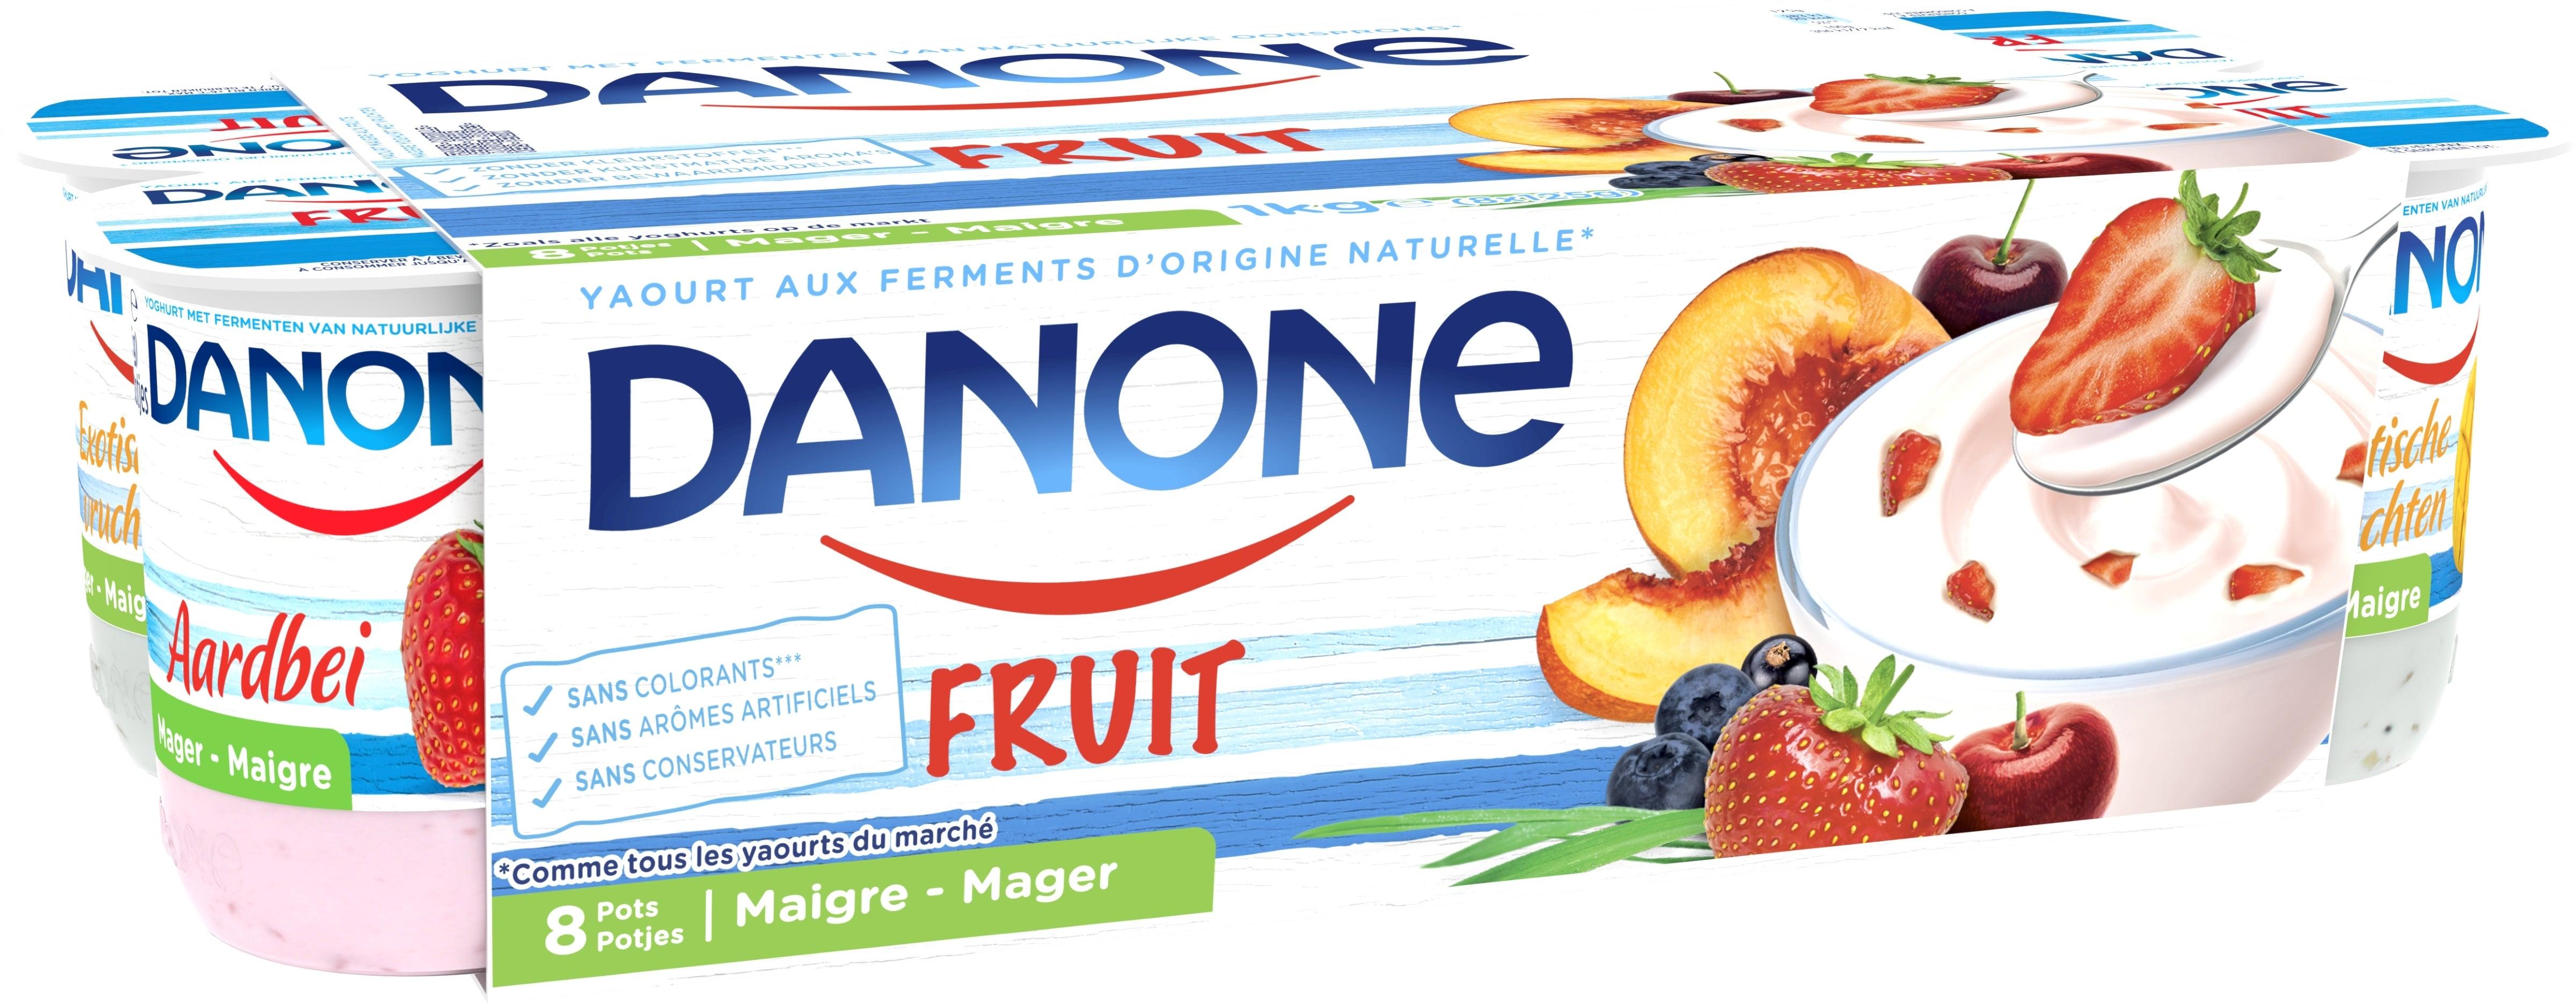 Danone aux Fruits - Pêche Fraise Cerise Myrtille